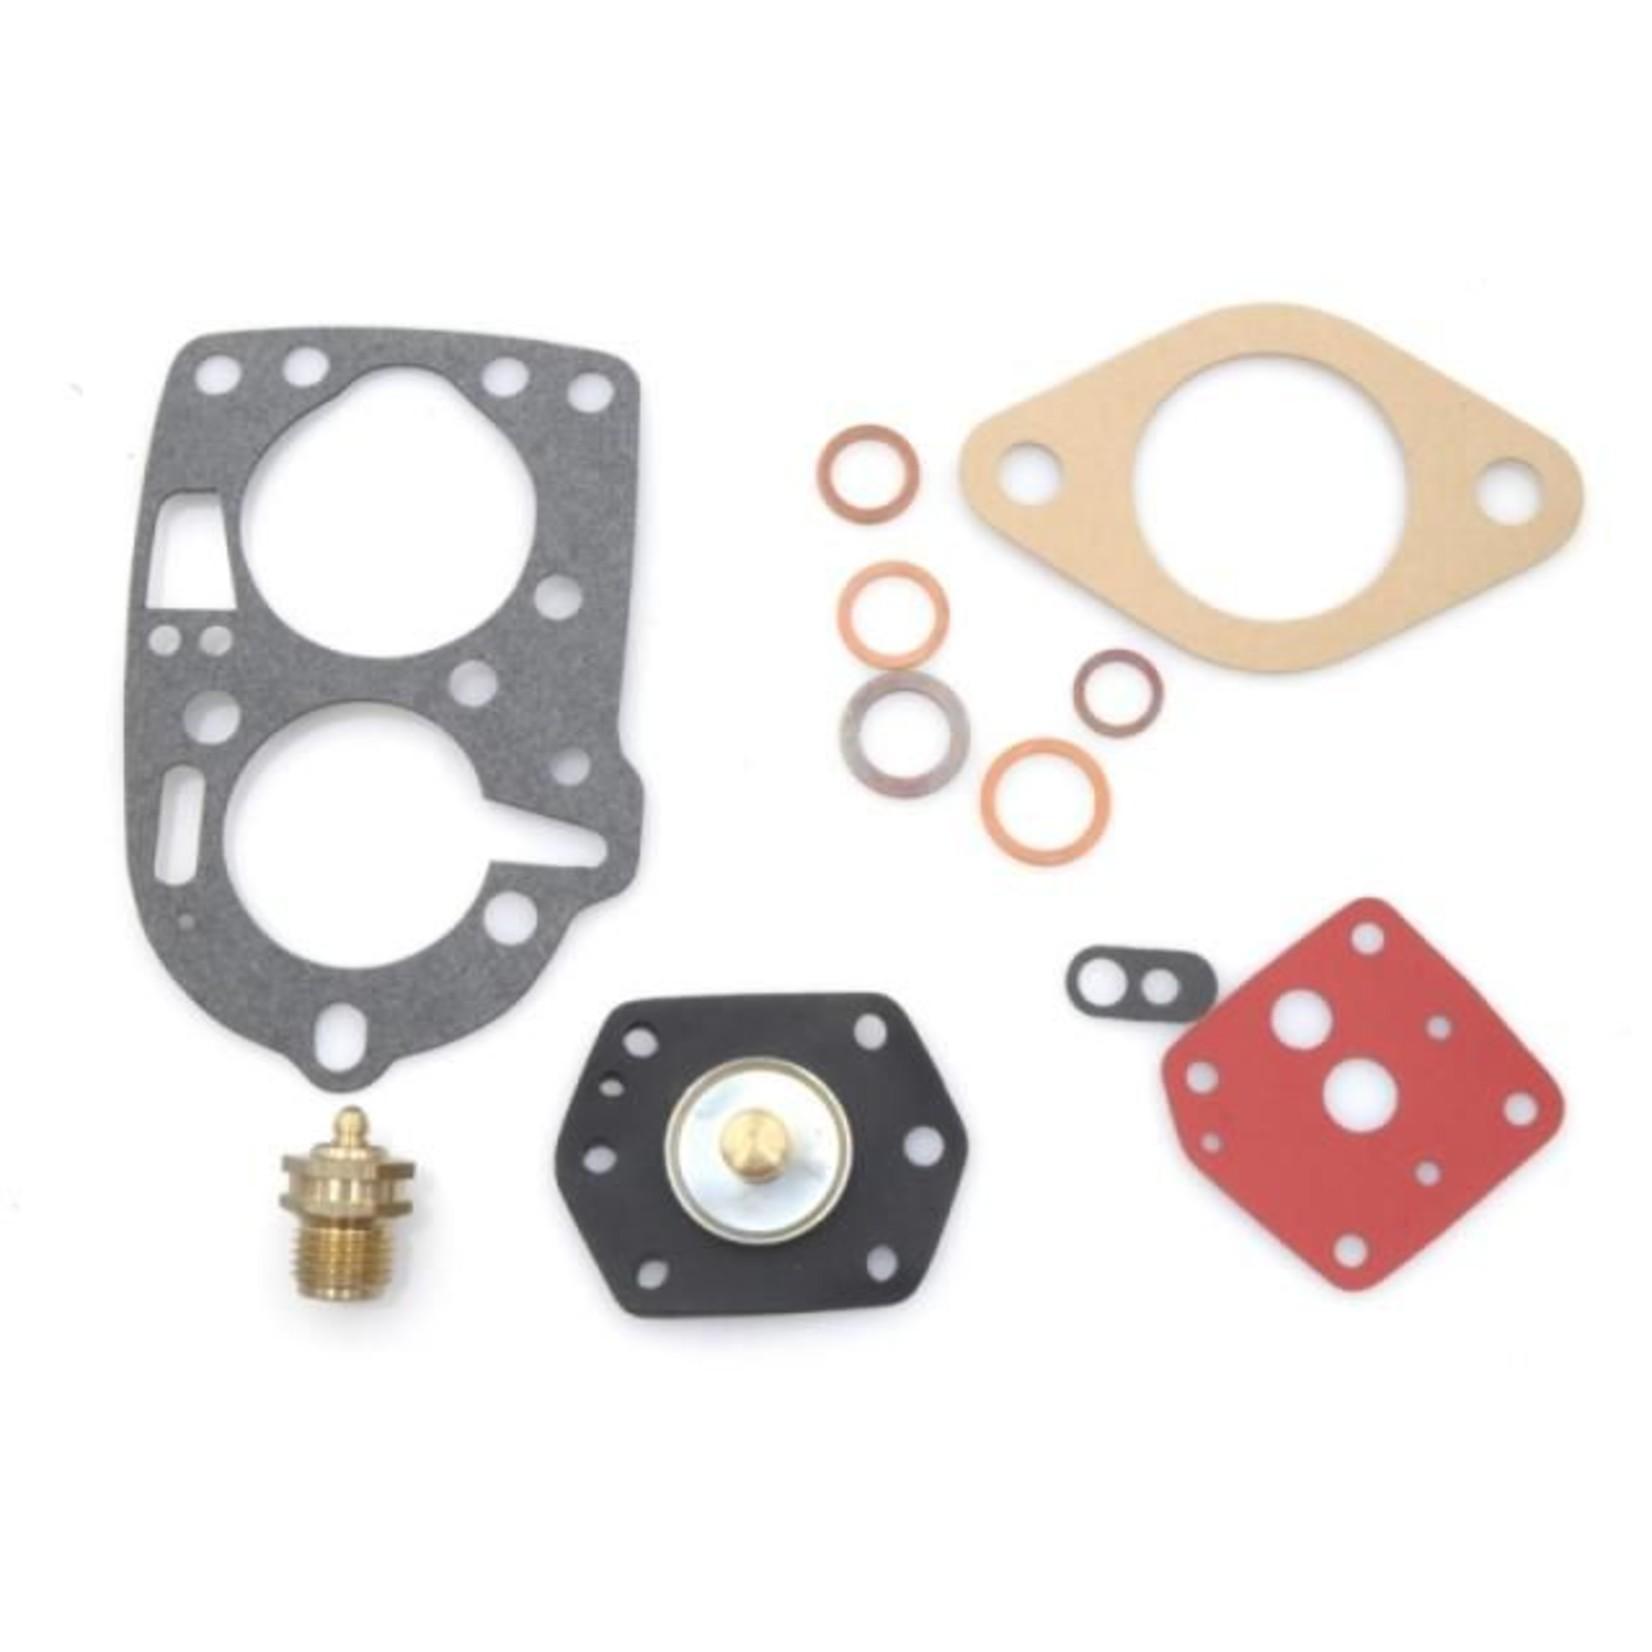 Revisie set carburateur Solex 34 PBIC